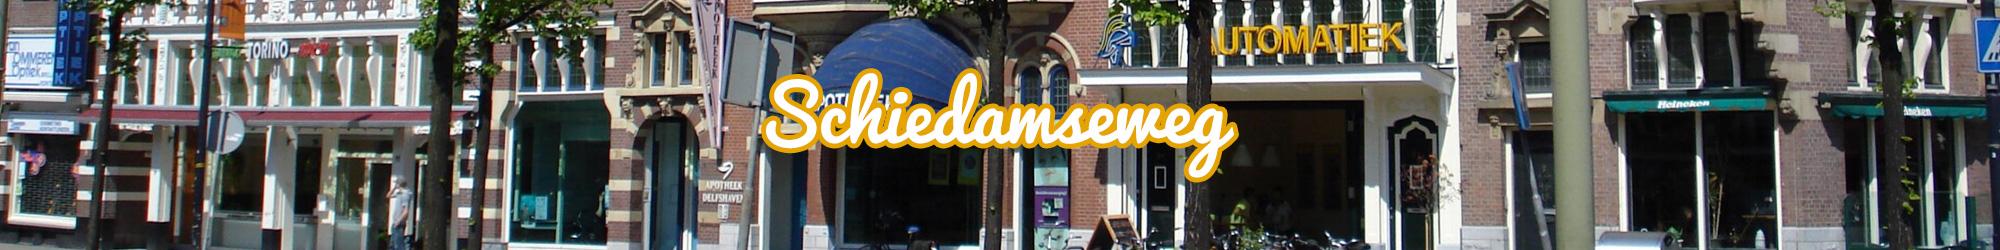 Schiedamseweg - Rotterdam - Winkelen in Delfshaven